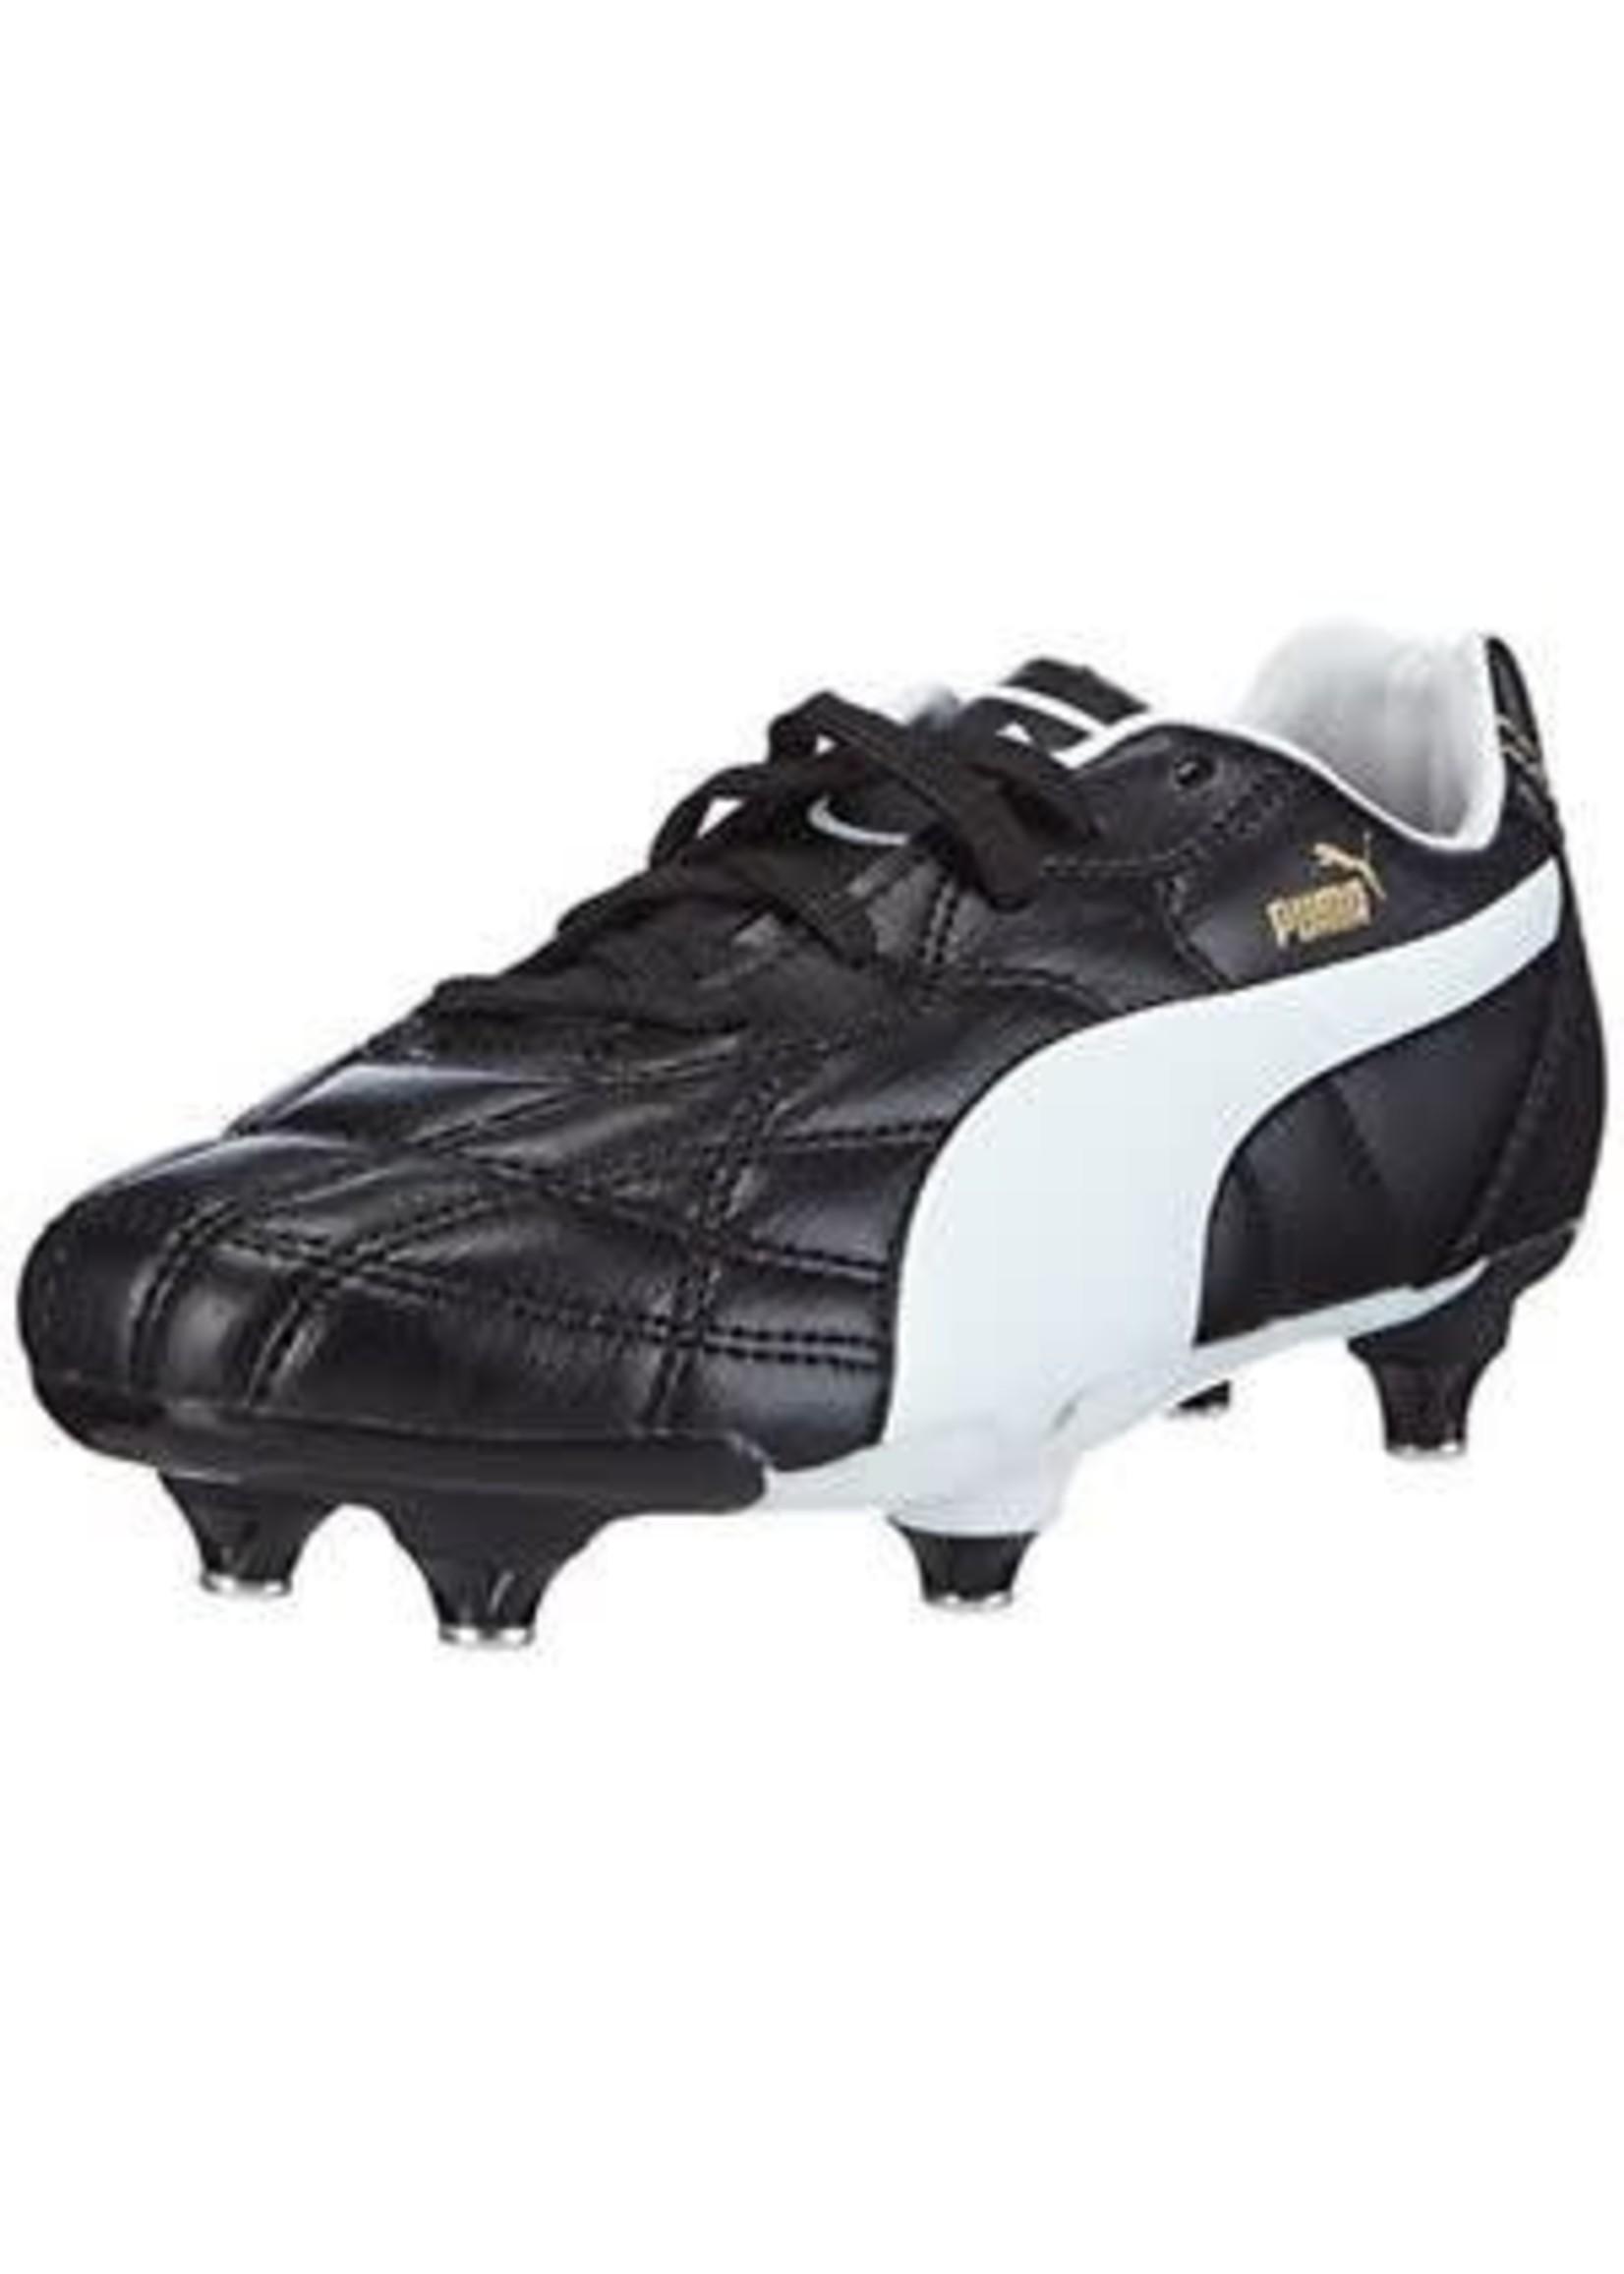 Puma Puma Classico SG Junior Boot, Black/White/ Puma Gold